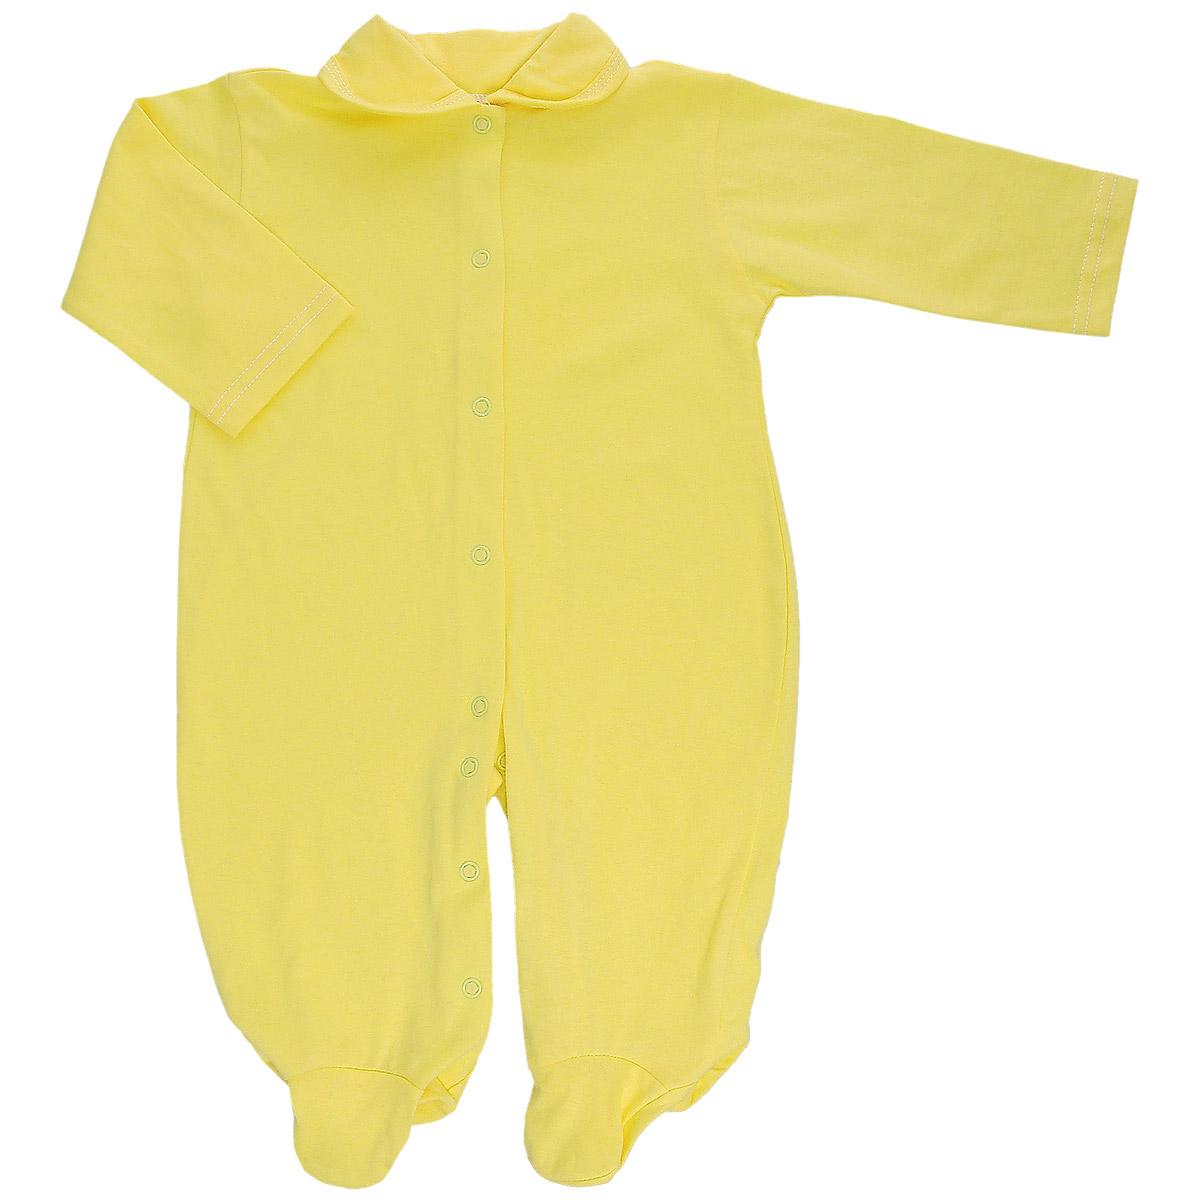 Комбинезон детский Трон-Плюс, цвет: желтый. 5805. Размер 62, 3 месяца5805Детский комбинезон Трон-Плюс - очень удобный и практичный вид одежды для малышей. Комбинезон выполнен из кулирного полотна - натурального хлопка, благодаря чему он необычайно мягкий и приятный на ощупь, не раздражает нежную кожу ребенка, и хорошо вентилируются, а эластичные швы приятны телу малыша и не препятствуют его движениям. Комбинезон с длинными рукавами, закрытыми ножками и отложным воротничком имеет застежки-кнопки от горловины до щиколоток, которые помогают легко переодеть младенца или сменить подгузник. С детским комбинезоном спинка и ножки вашего малыша всегда будут в тепле, он идеален для использования днем и незаменим ночью. Комбинезон полностью соответствует особенностям жизни младенца в ранний период, не стесняя и не ограничивая его в движениях!